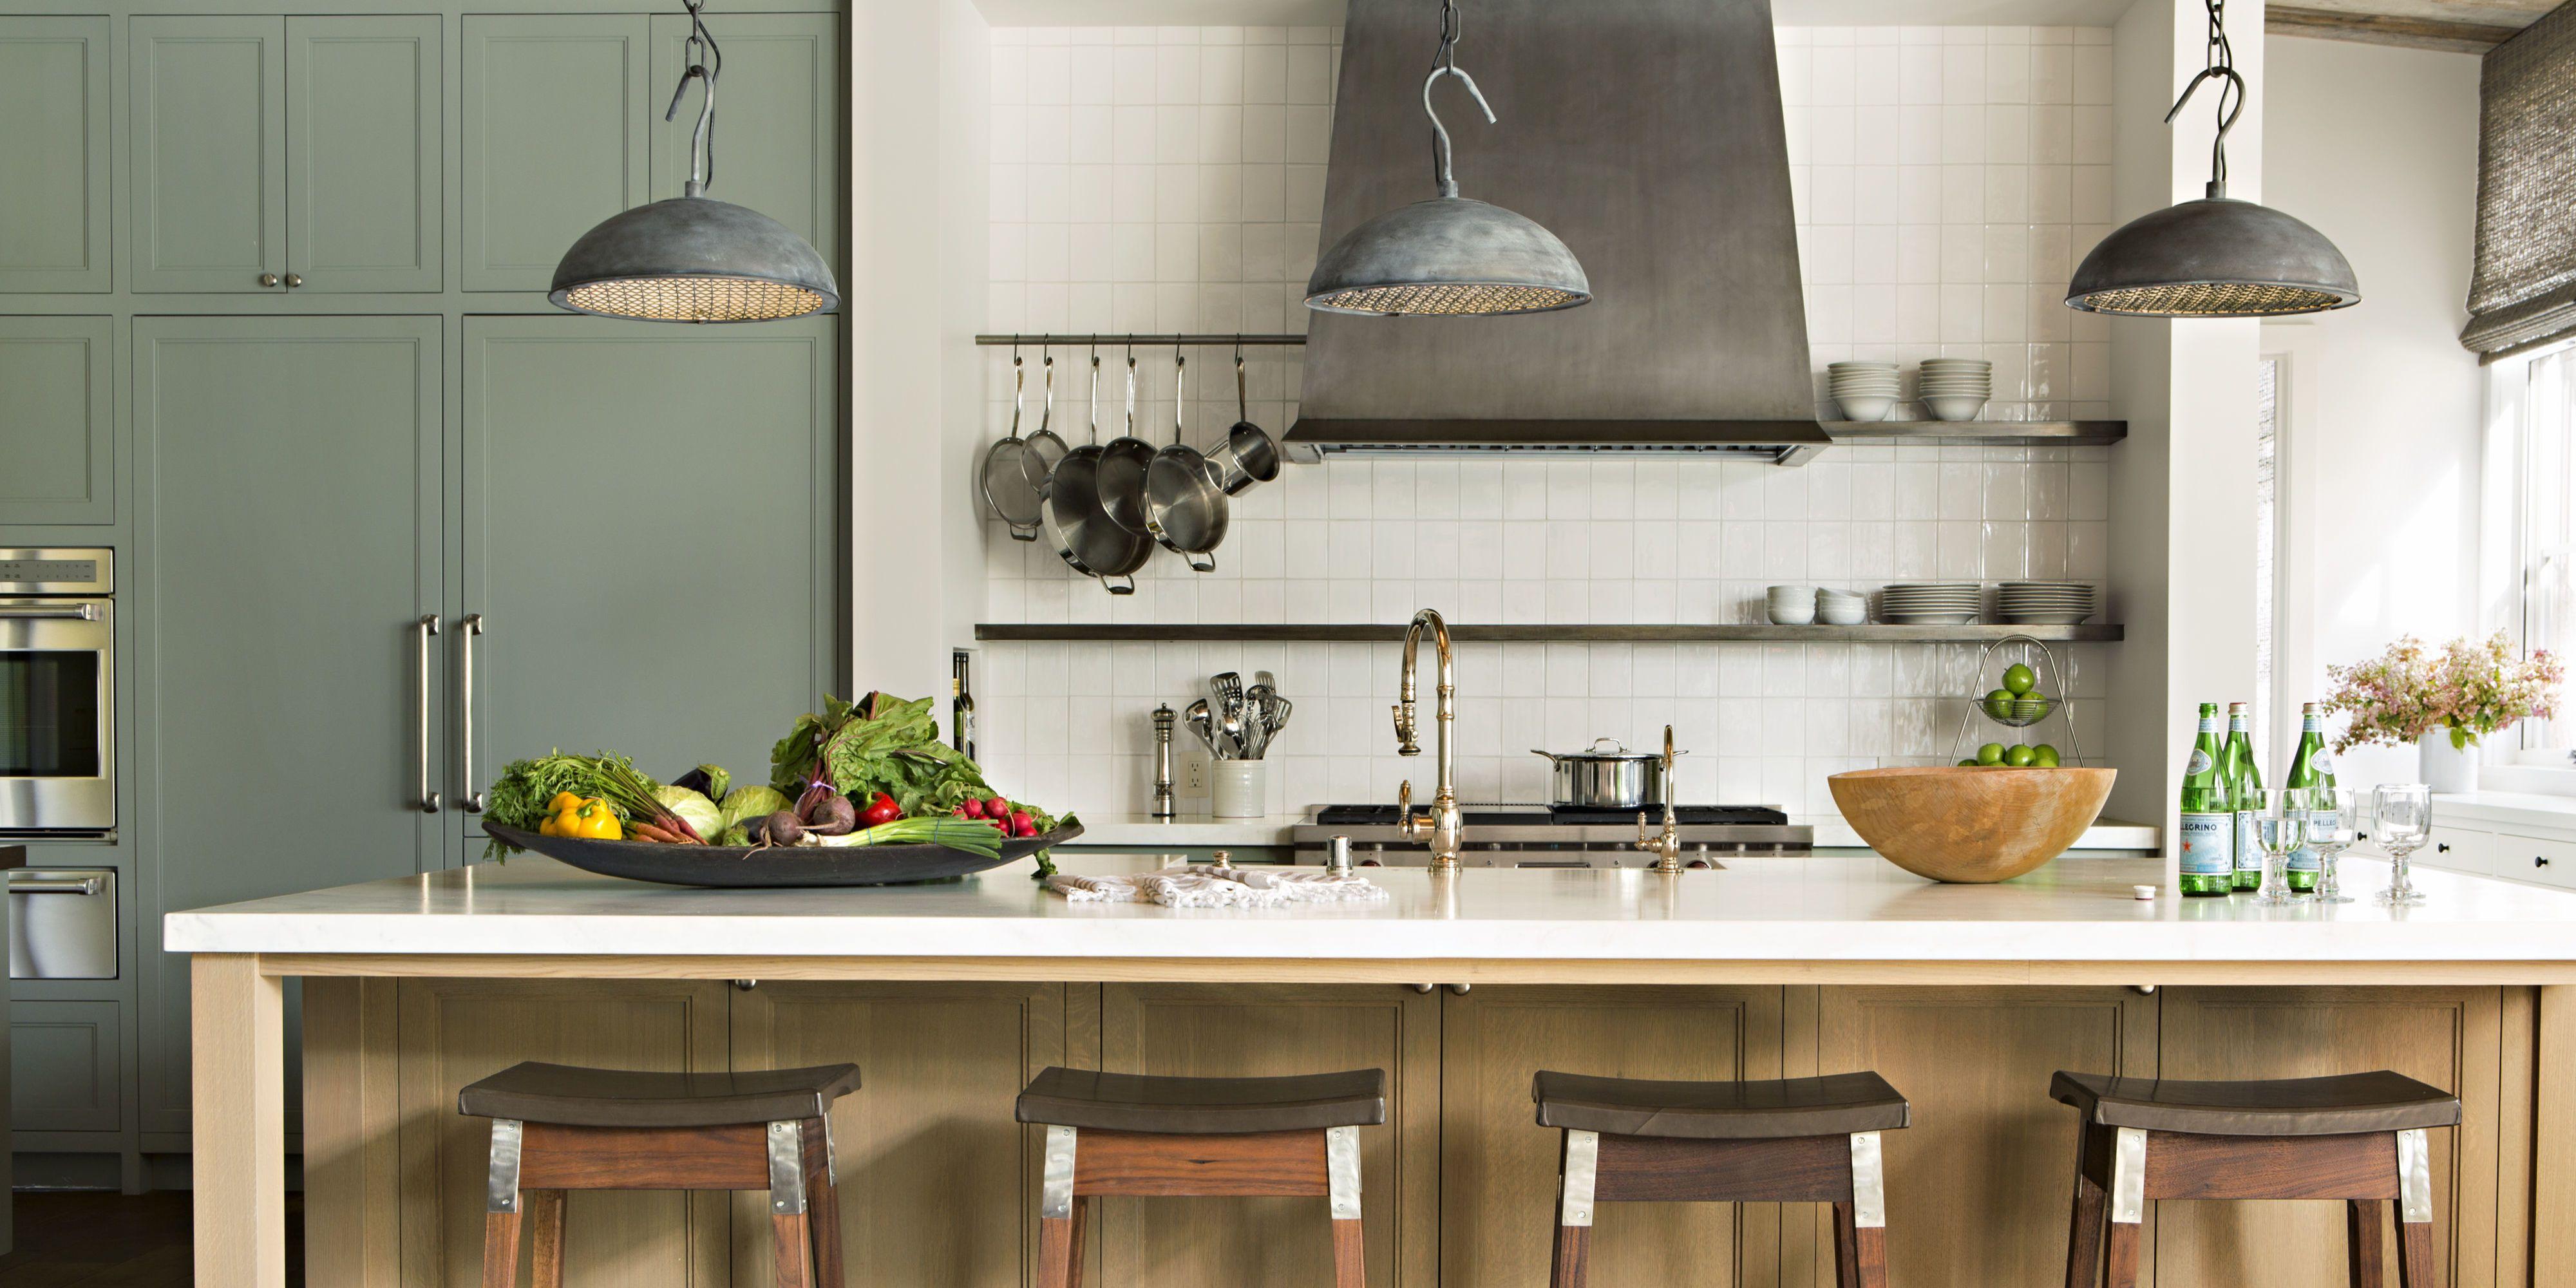 20 best kitchen lighting ideas modern light fixtures for home rh housebeautiful com modern flush ceiling lights for kitchen modern lights for over kitchen table